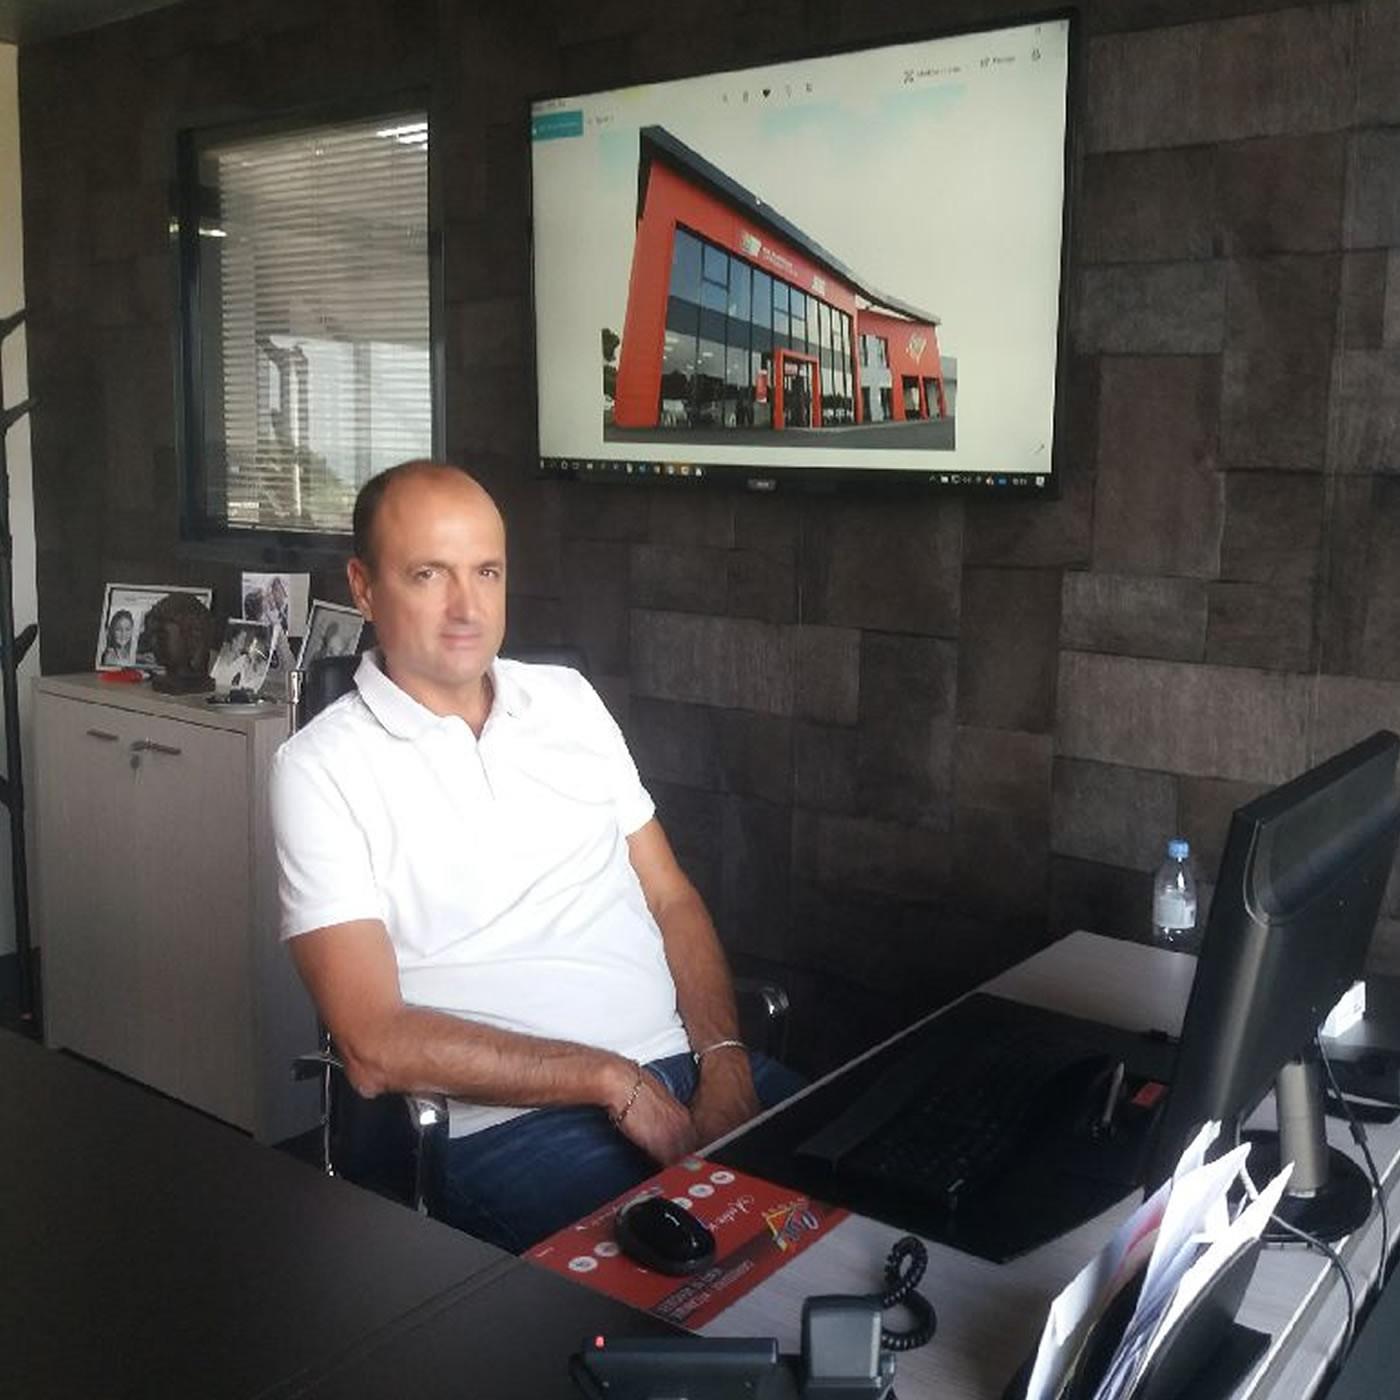 #37 - Romuald dirigeant d'une société spécialisé dans la réparation automobile